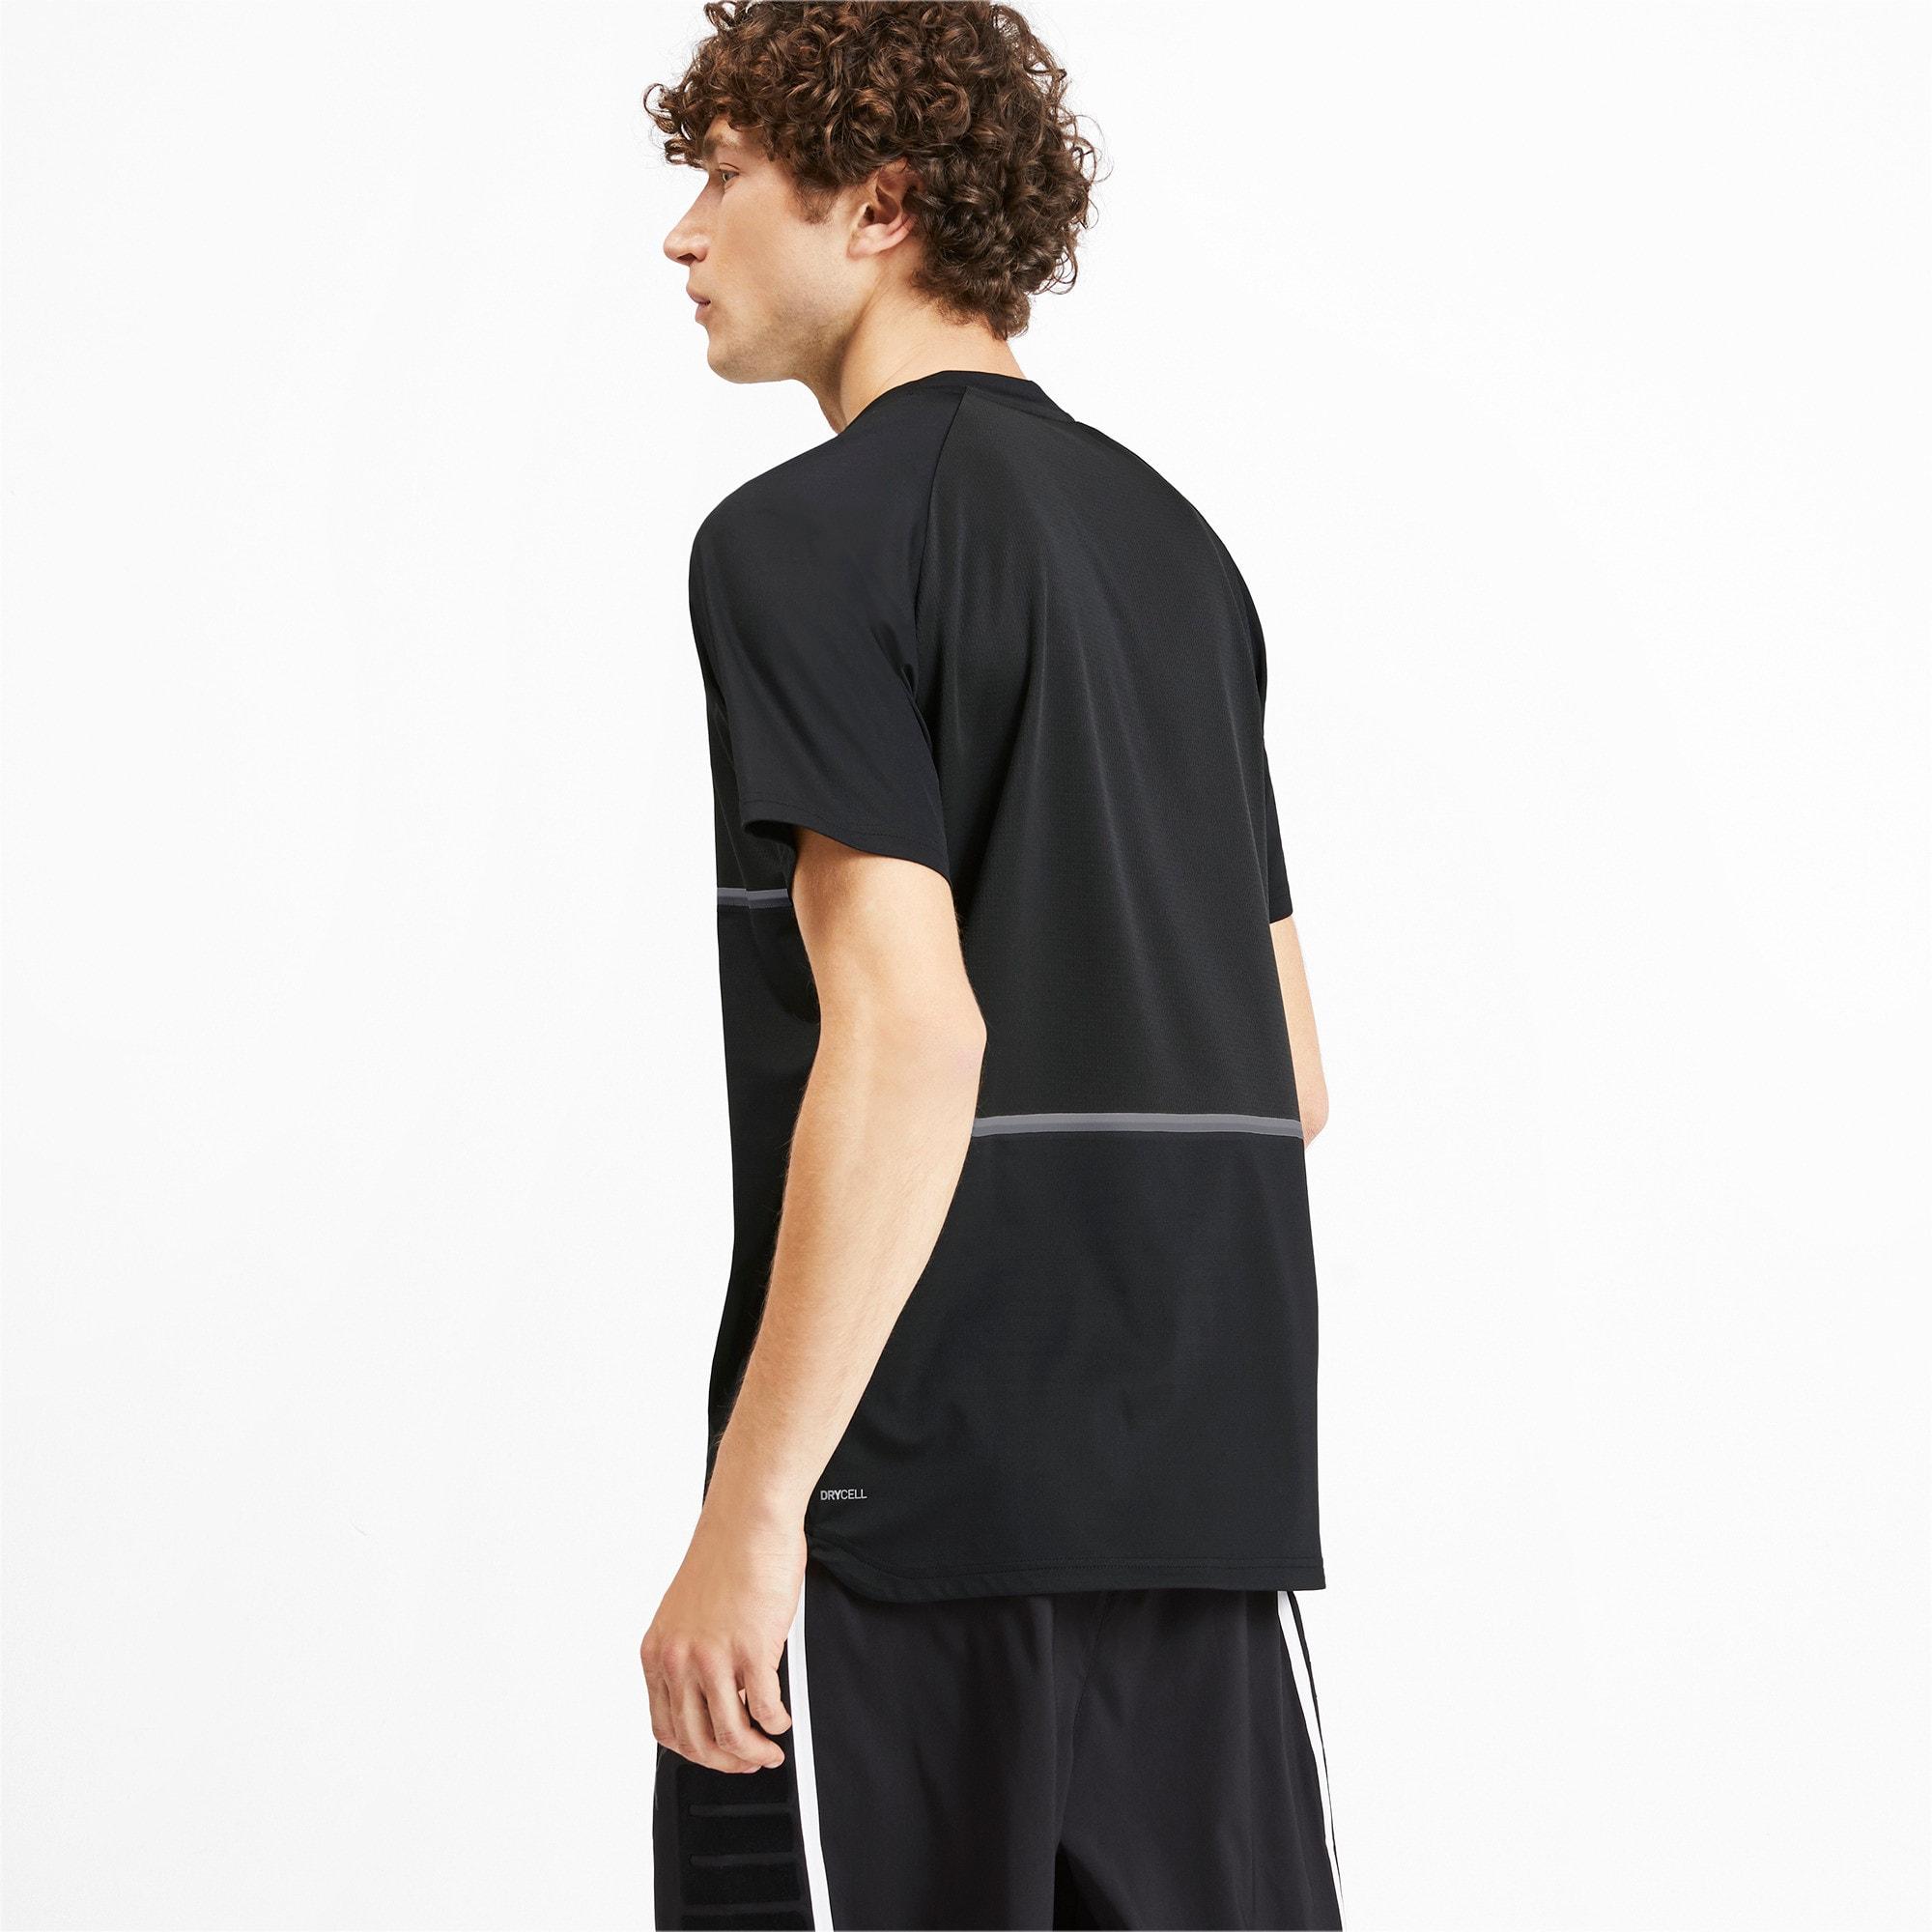 Miniatura 2 de Camiseta Power BND para hombre, Puma Black, mediano